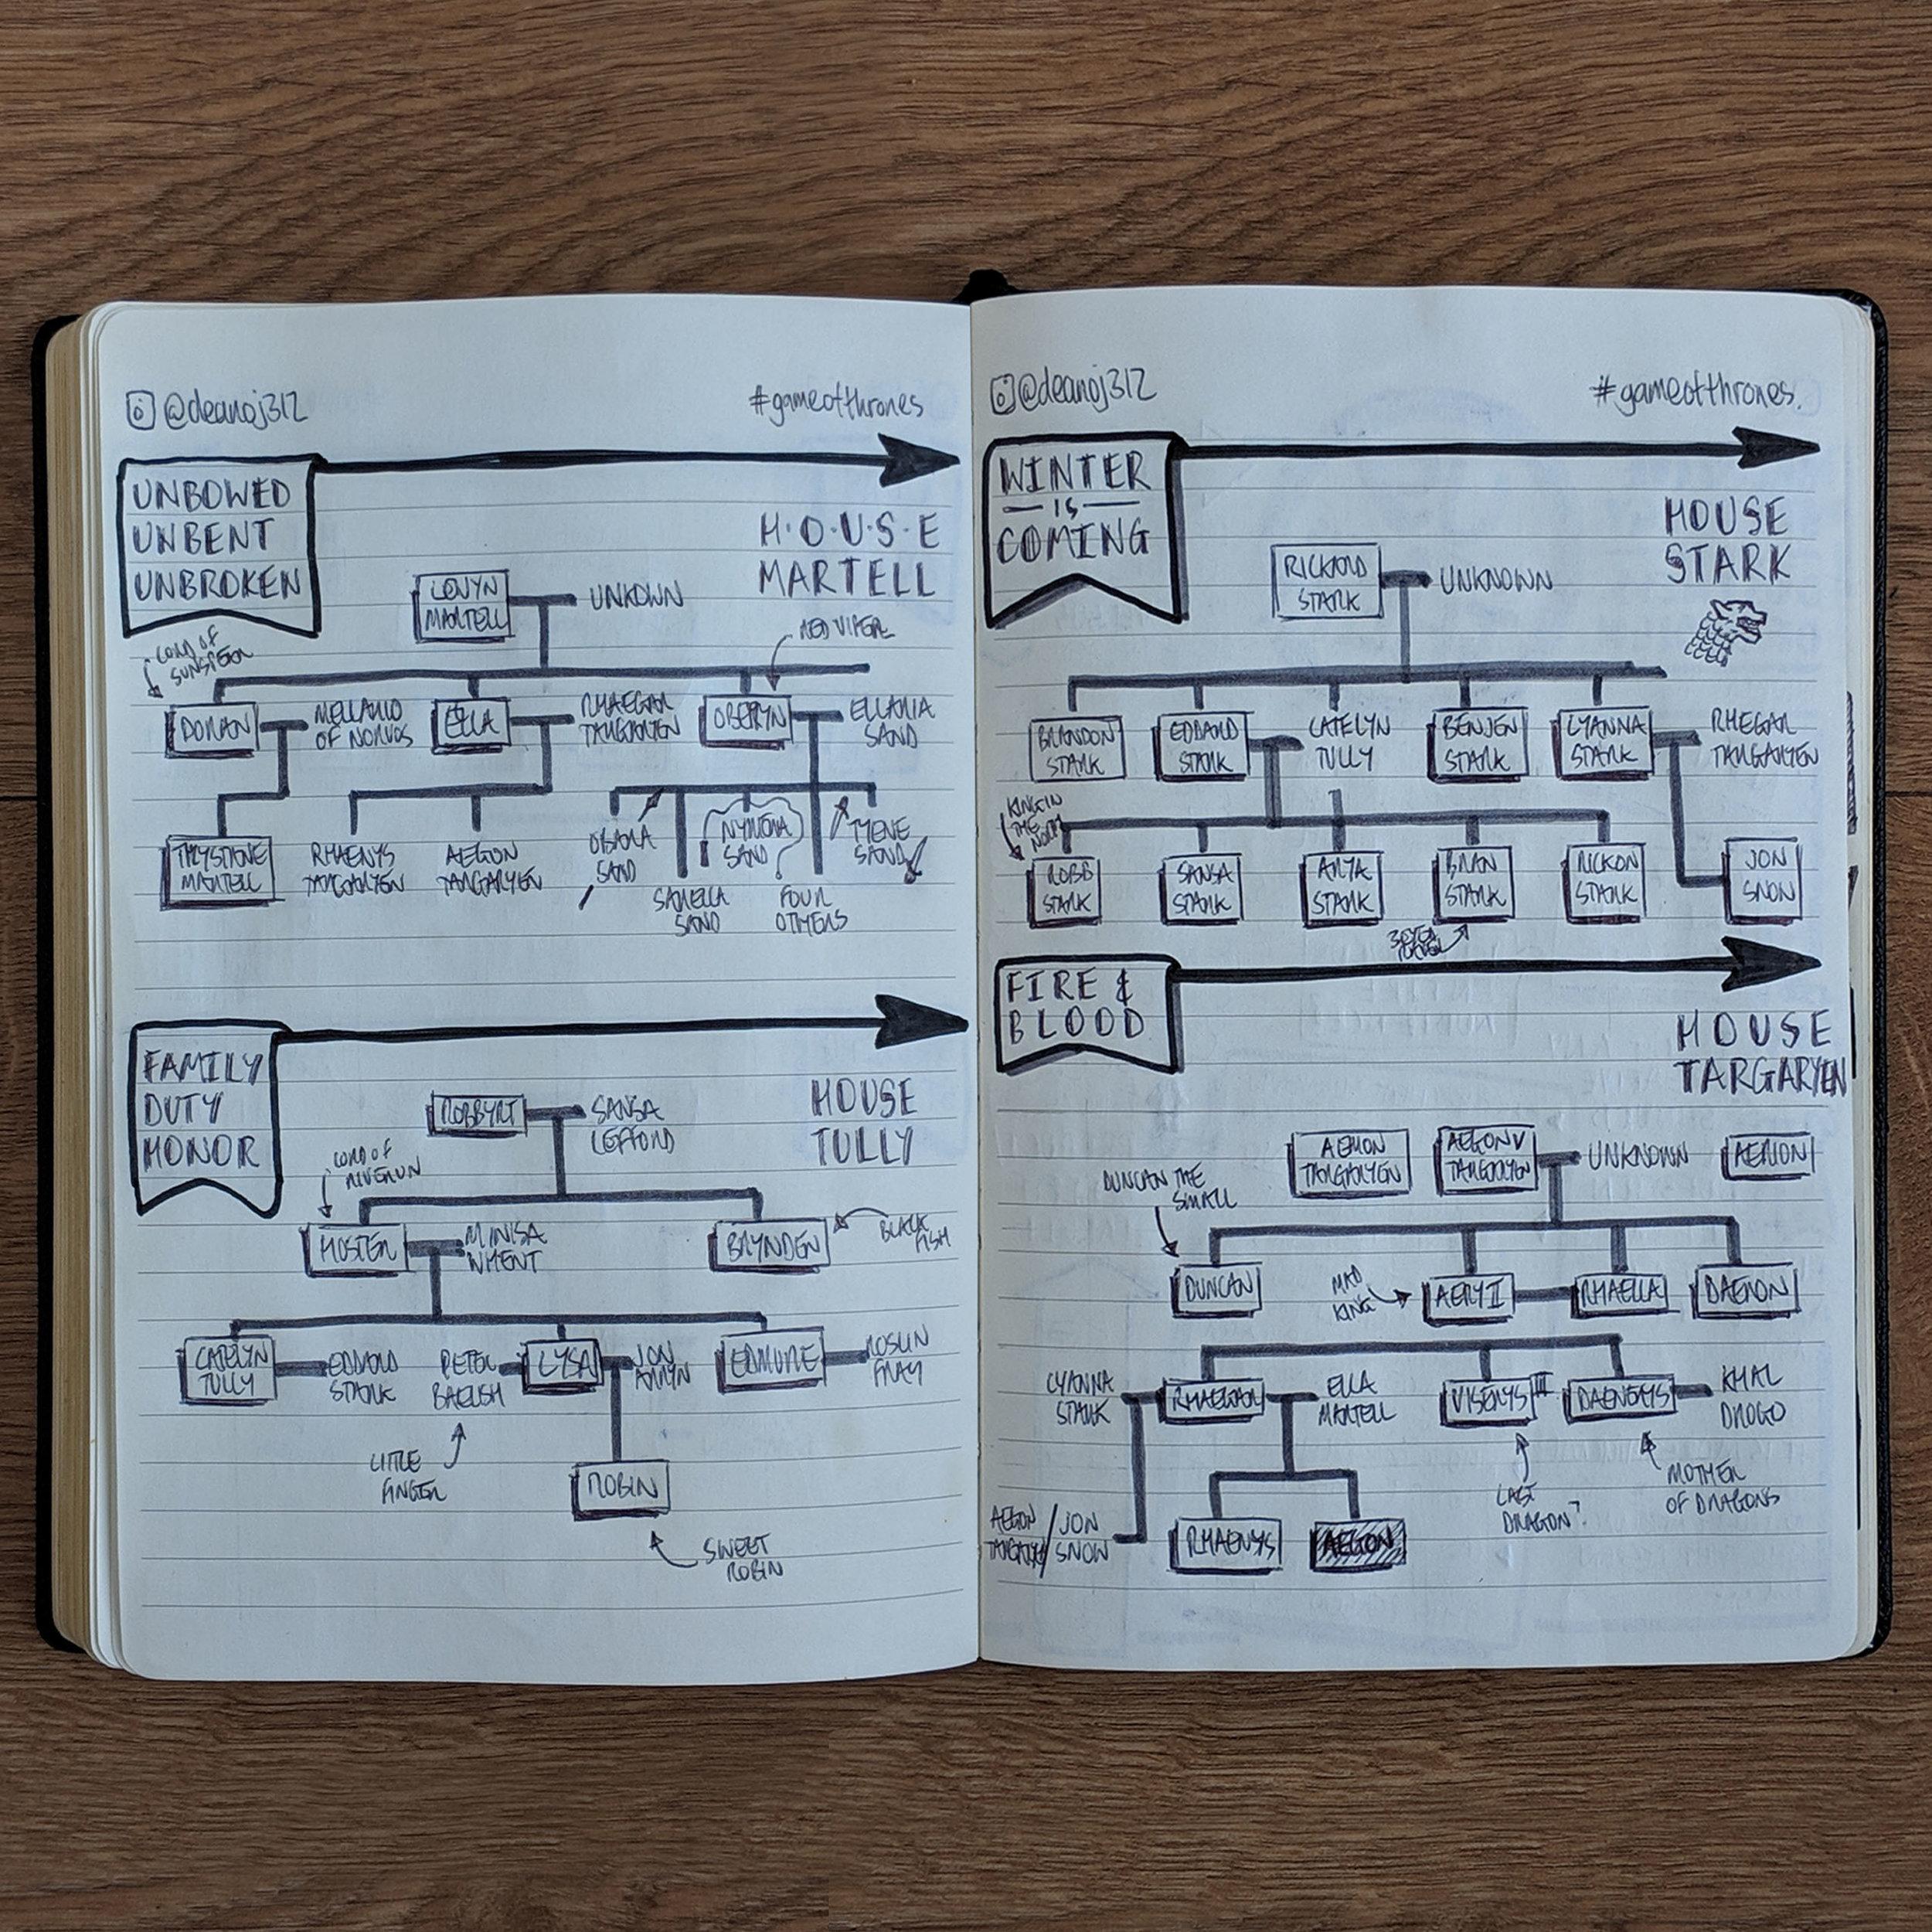 GameOfThrone-FamilyTrees9.jpg